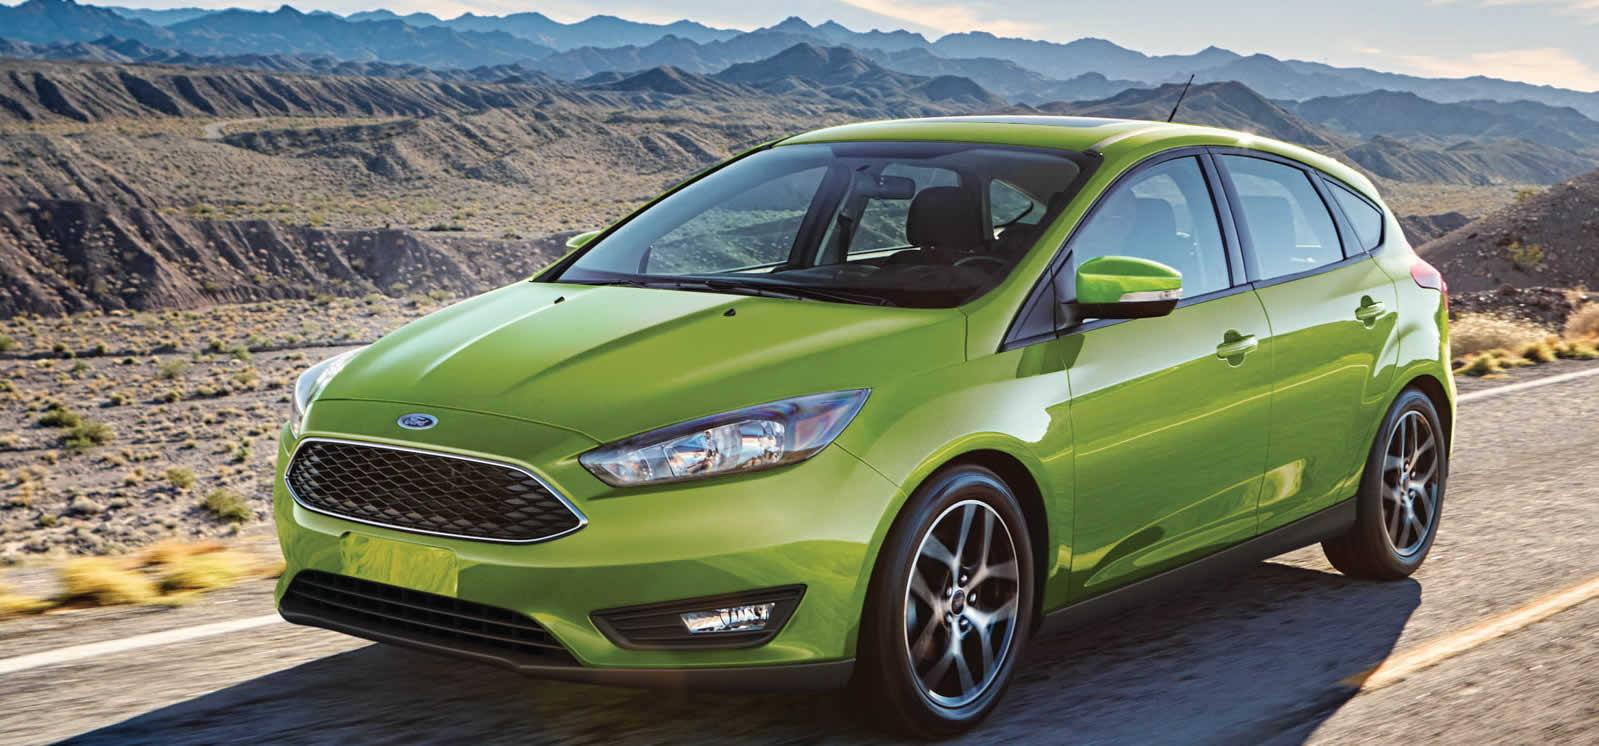 international-autosource-acheter-louer-leasing-voiture-etats-unis-expatrie-d-02-2020